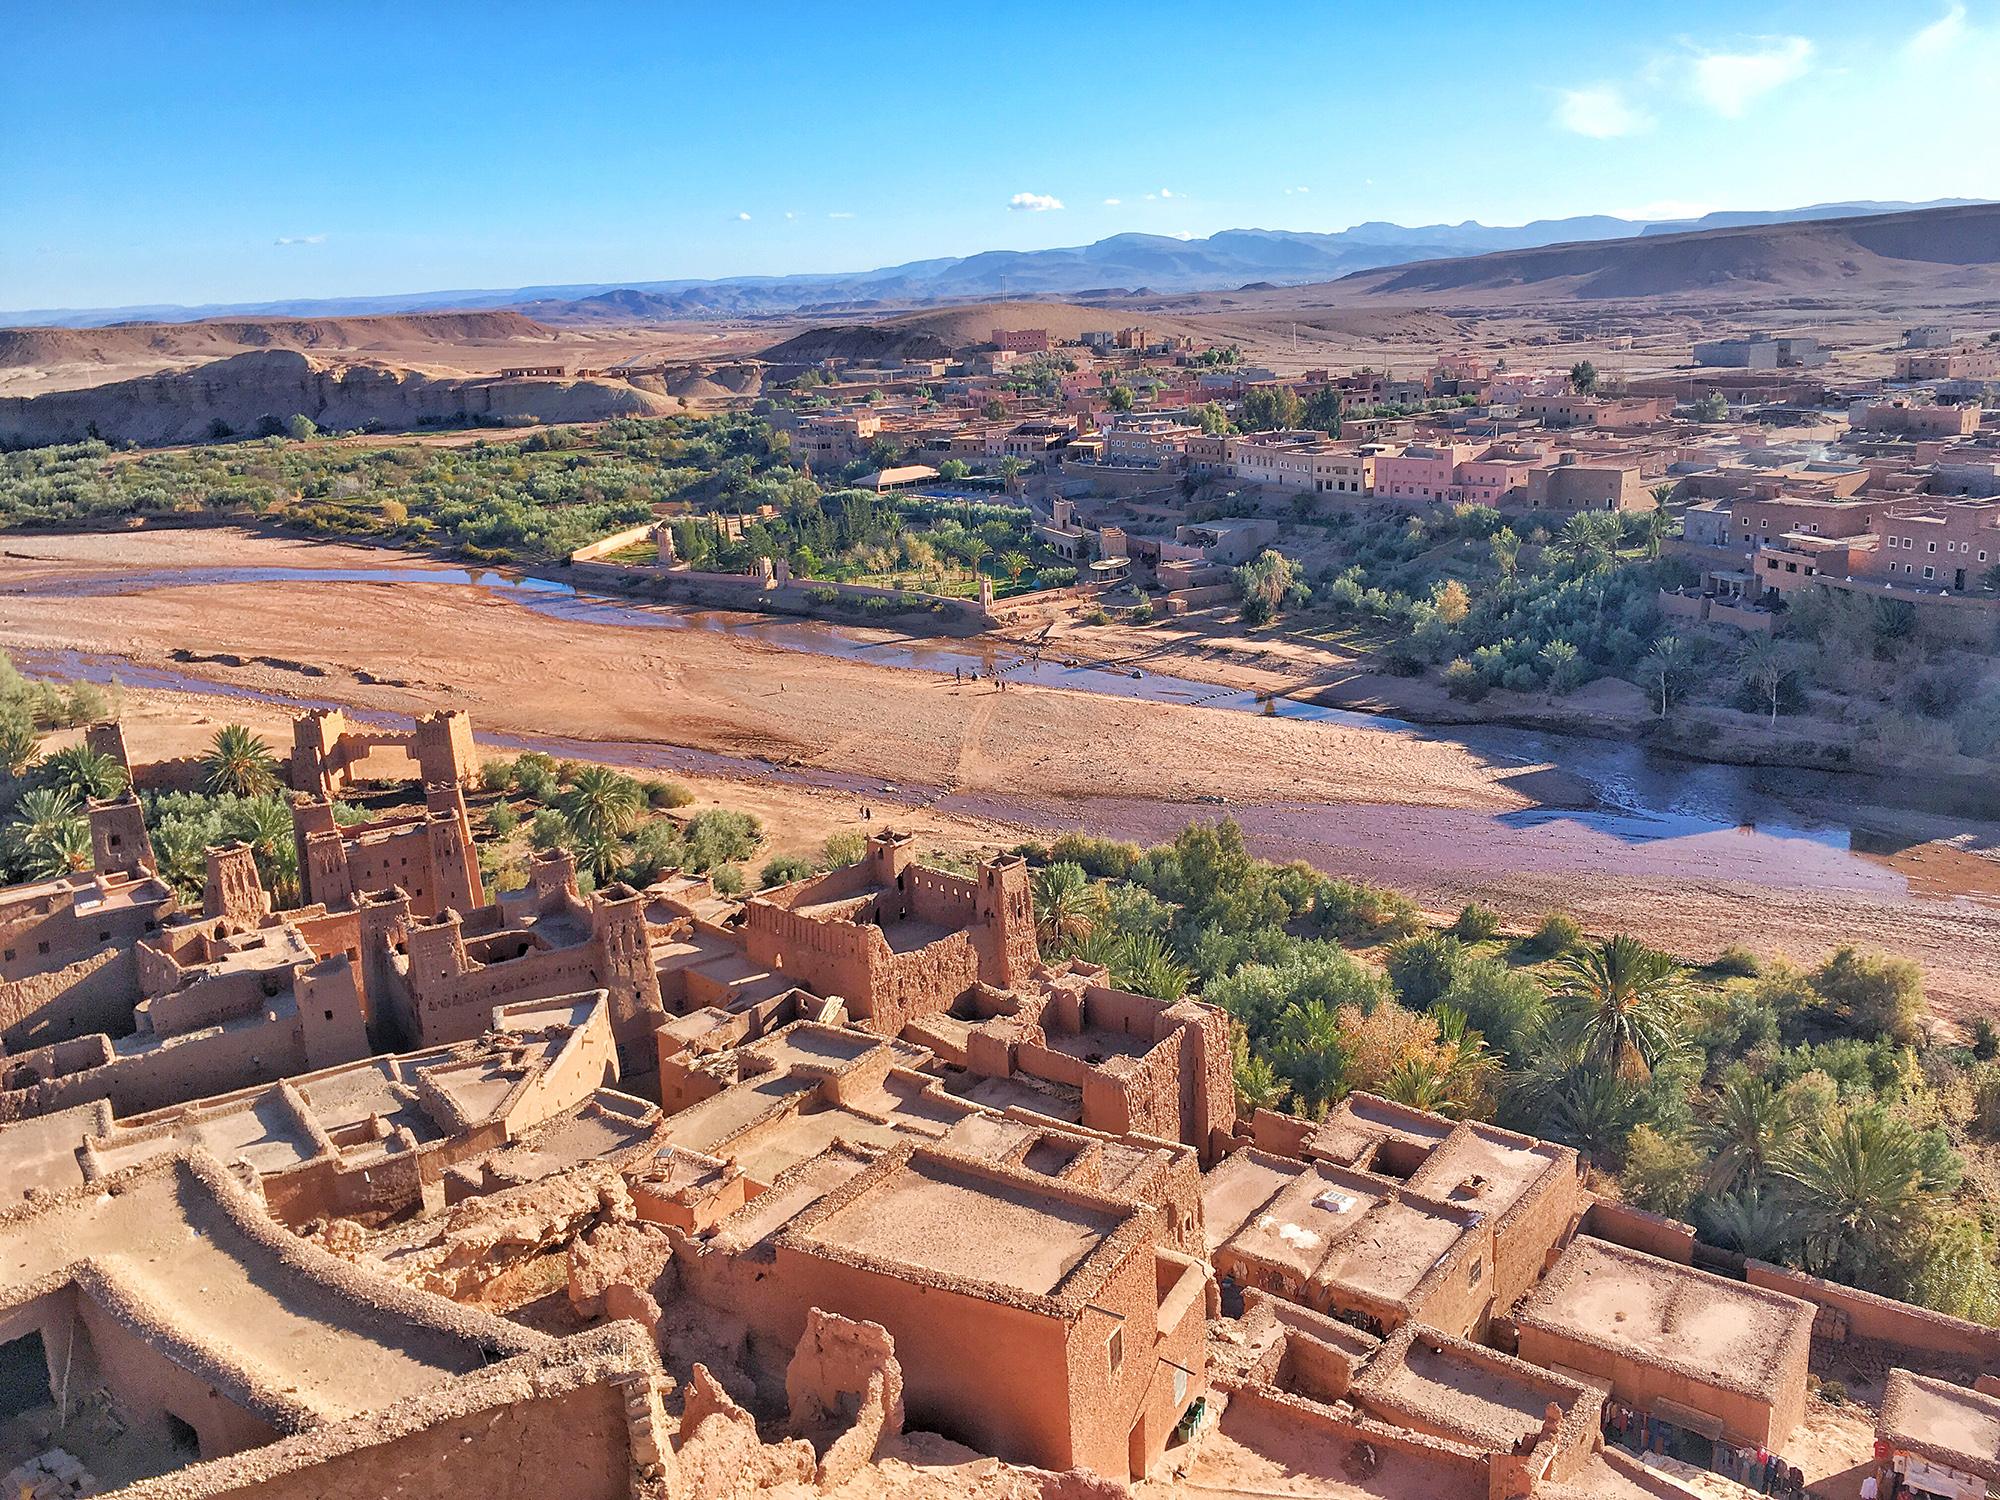 road trip to the Sahara Desert